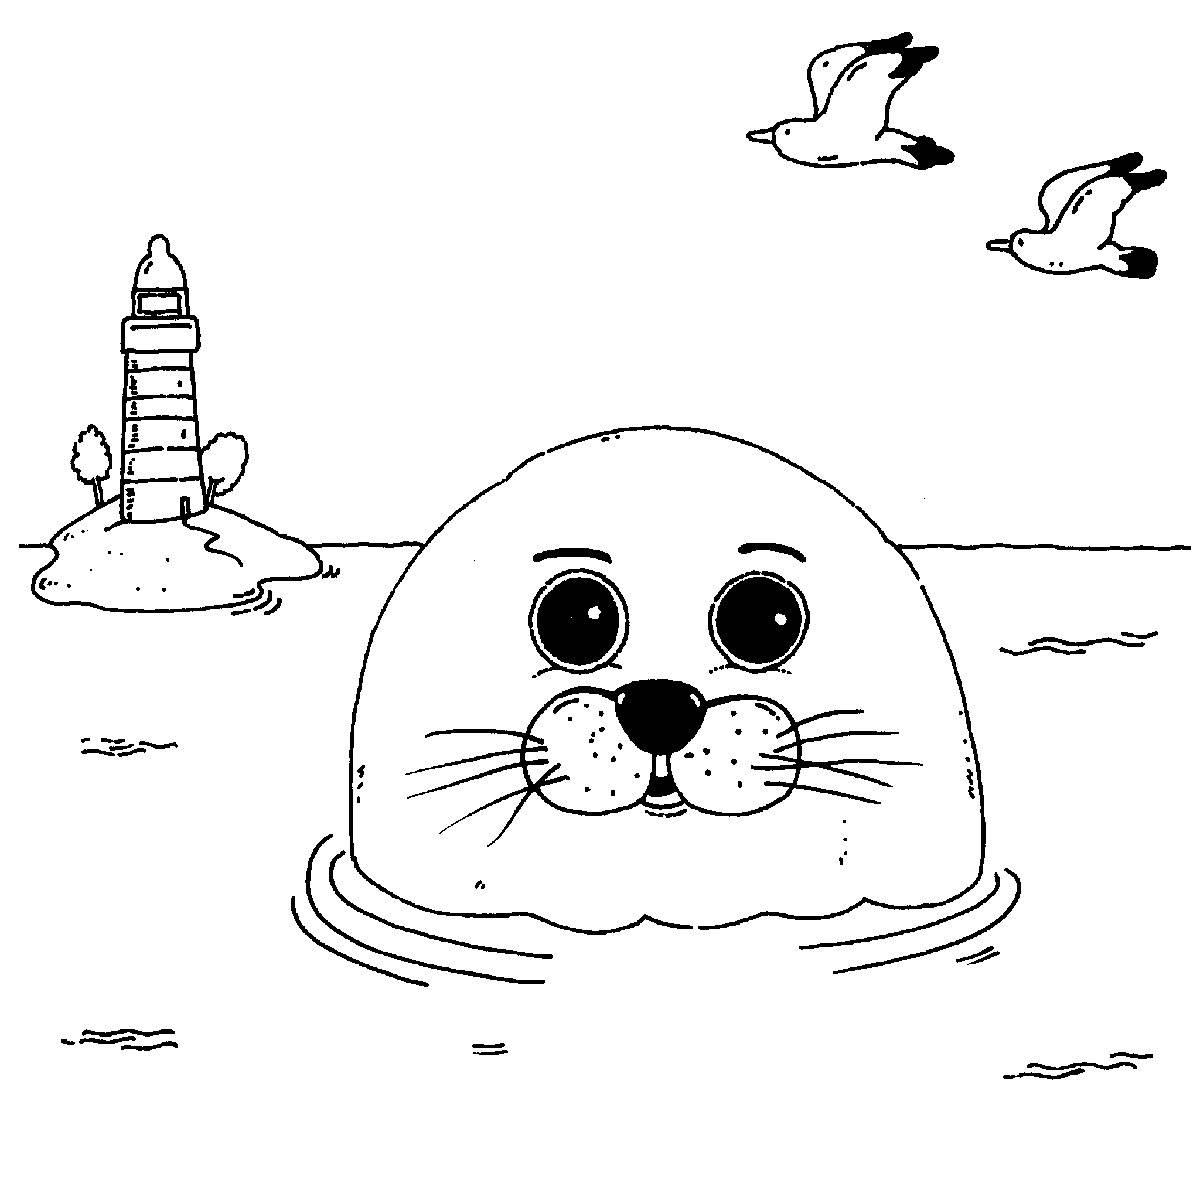 Malvorlagen Tiere Im Meer ~ Die Beste Idee Zum Ausmalen von Seiten